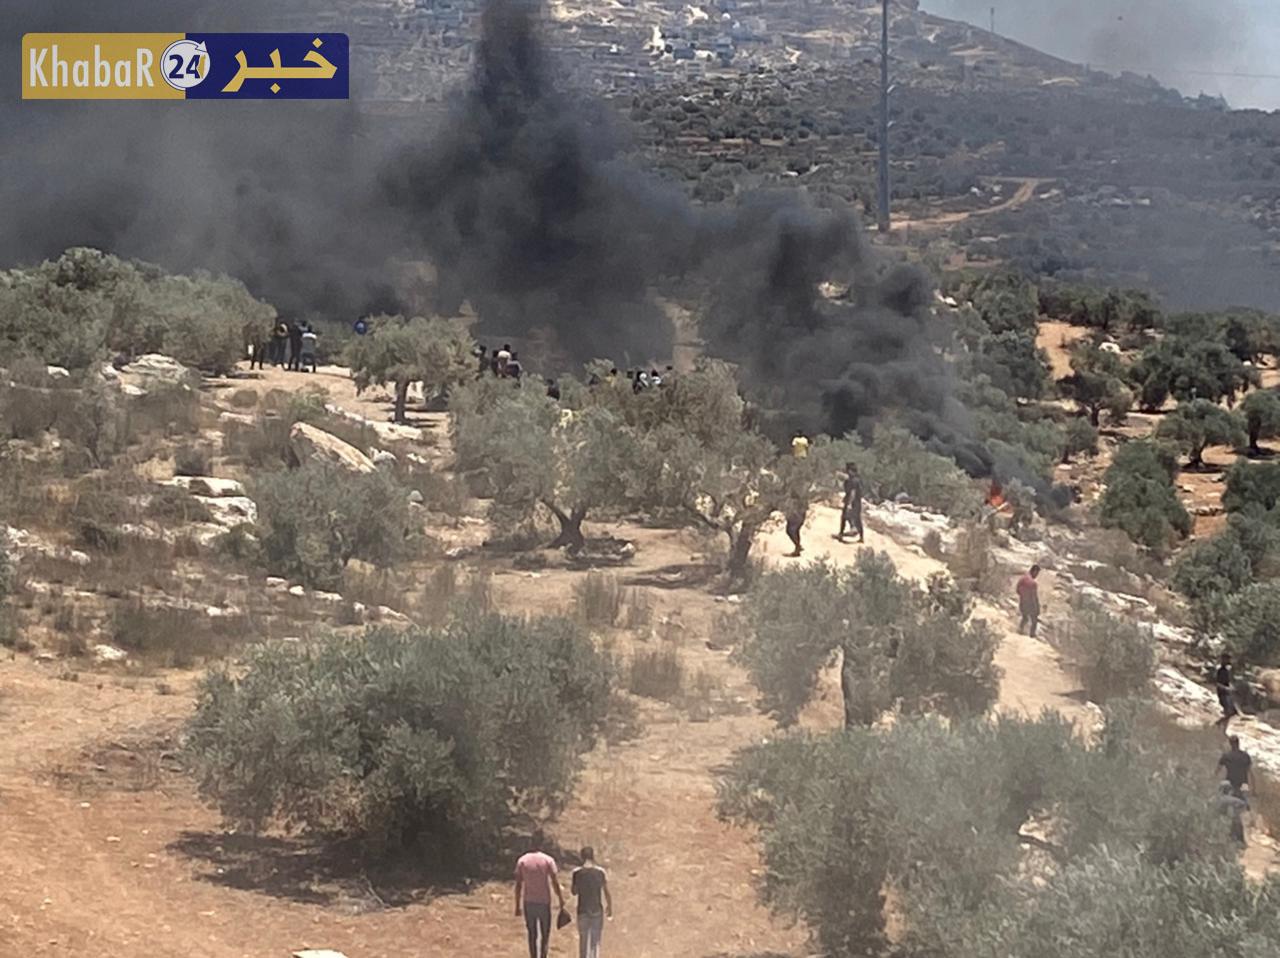 محدث2 ..الهلال الأحمر: 379 اصابة في مواجهات جبل صبيح بينها 31 بالرصاص الحي